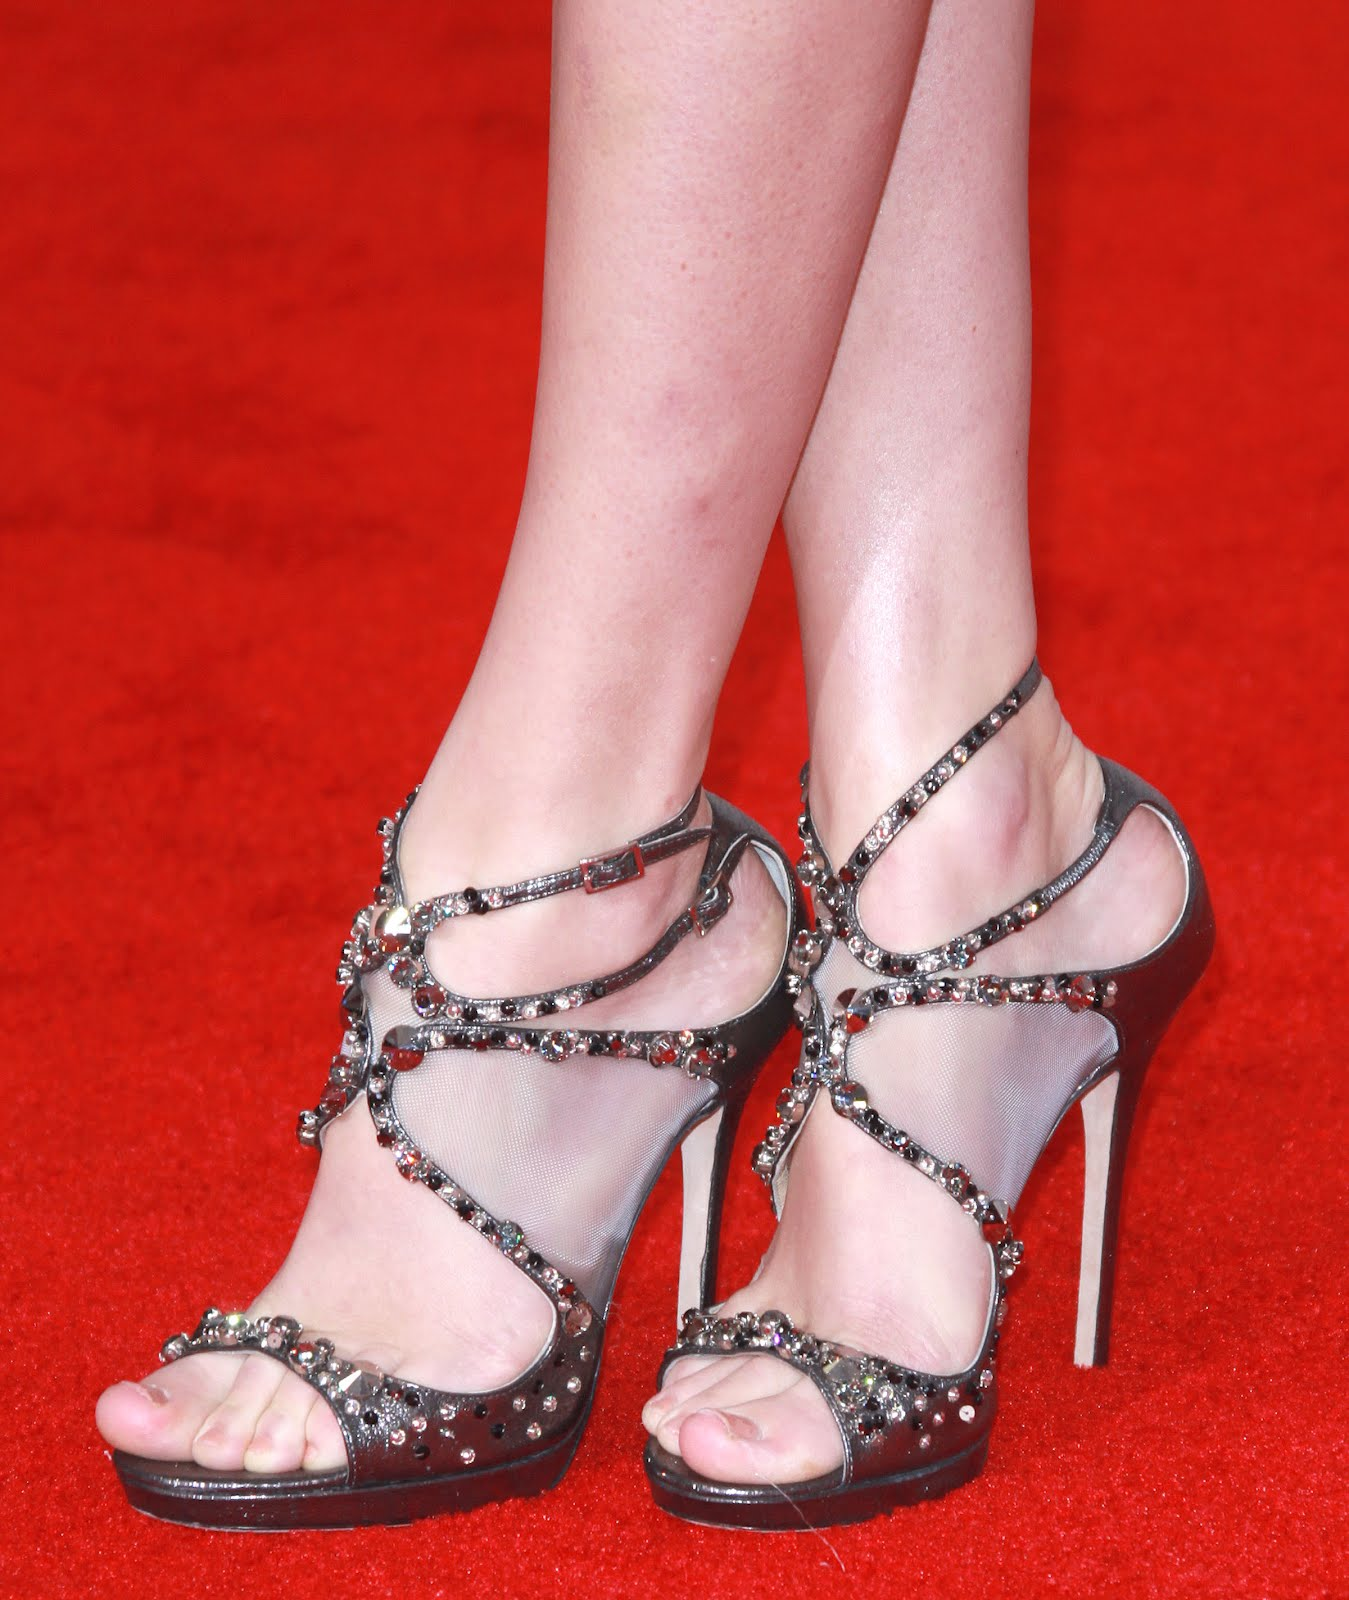 http://3.bp.blogspot.com/-cvQX2xpkbqg/UBqDBZvt7FI/AAAAAAAAAUM/vuTZIyGbfZA/s1600/Taylor_Swift_Feet_004.jpg